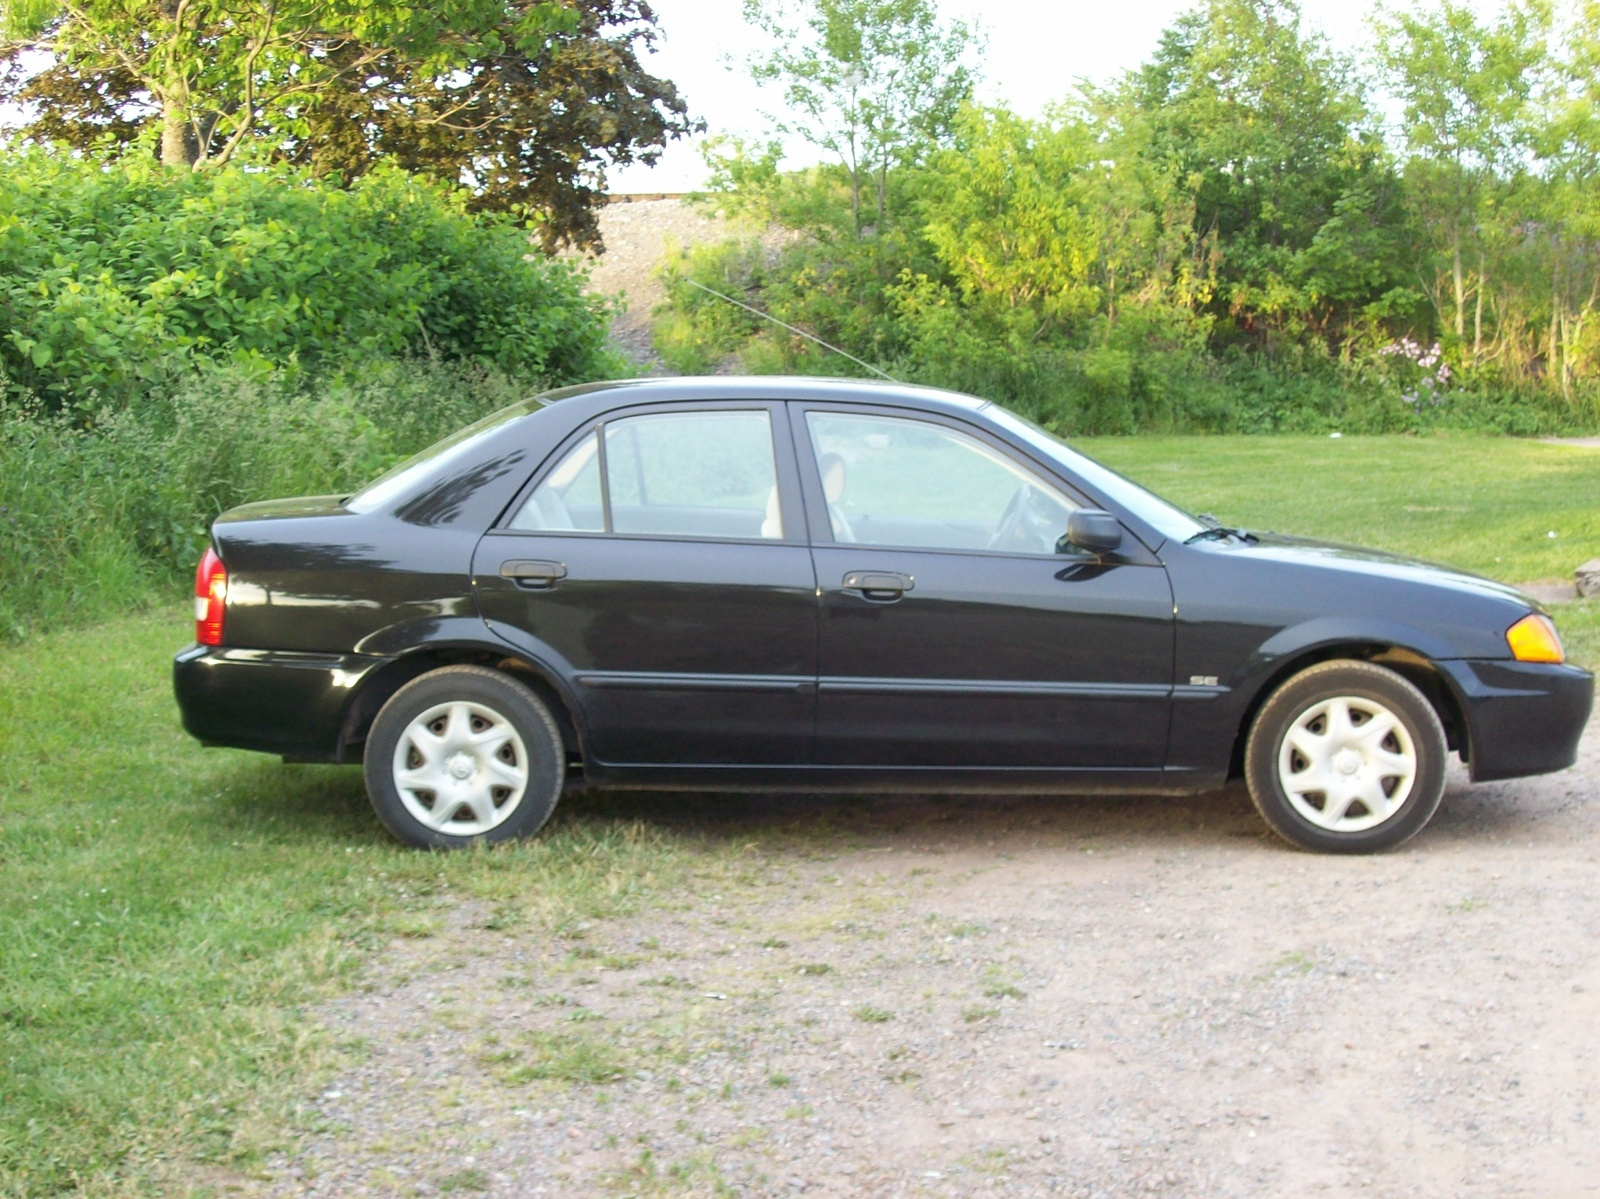 2000 Mazda Protege Image 13